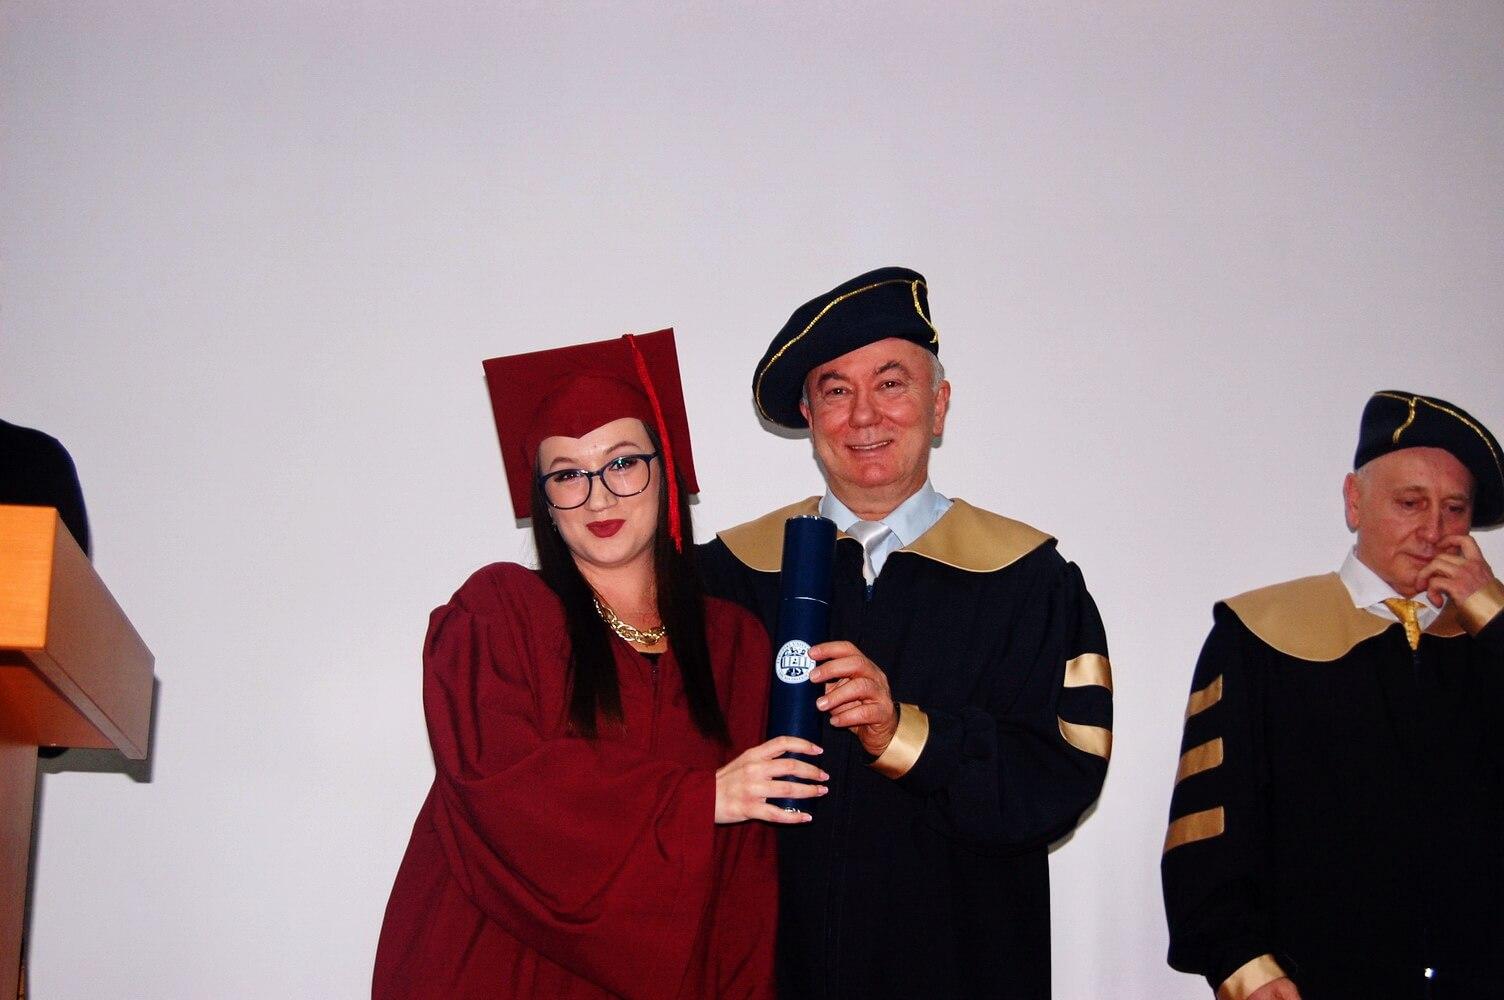 Dan Univerziteta 2020 146